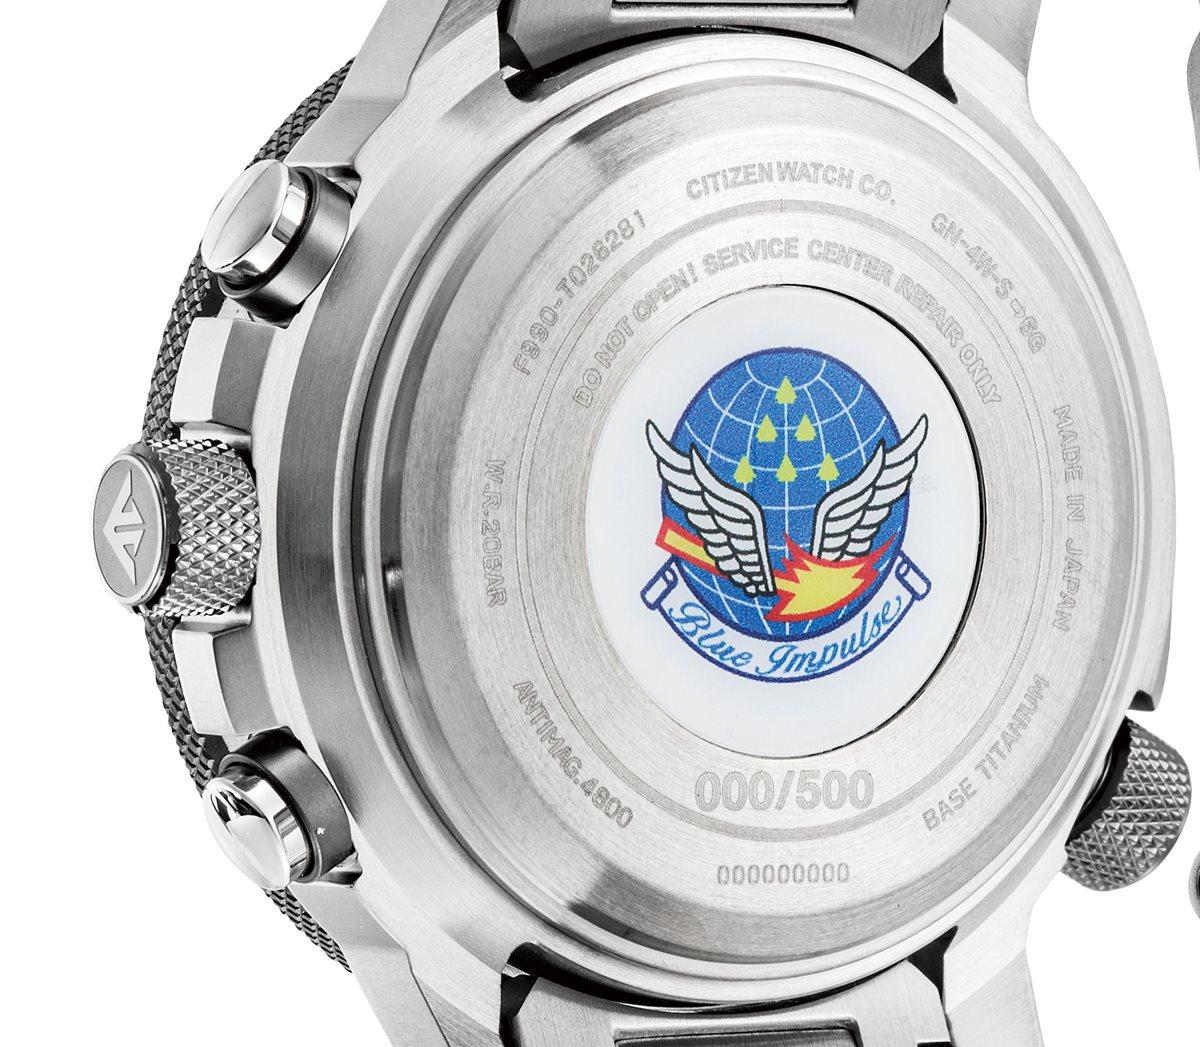 シチズン プロマスター スカイ エコドライブ GPS衛星電波時計 F990 ブルーインパルス 限定モデル 腕時計 メンズ CITIZEN PROMASTER SKY CC7015-63E